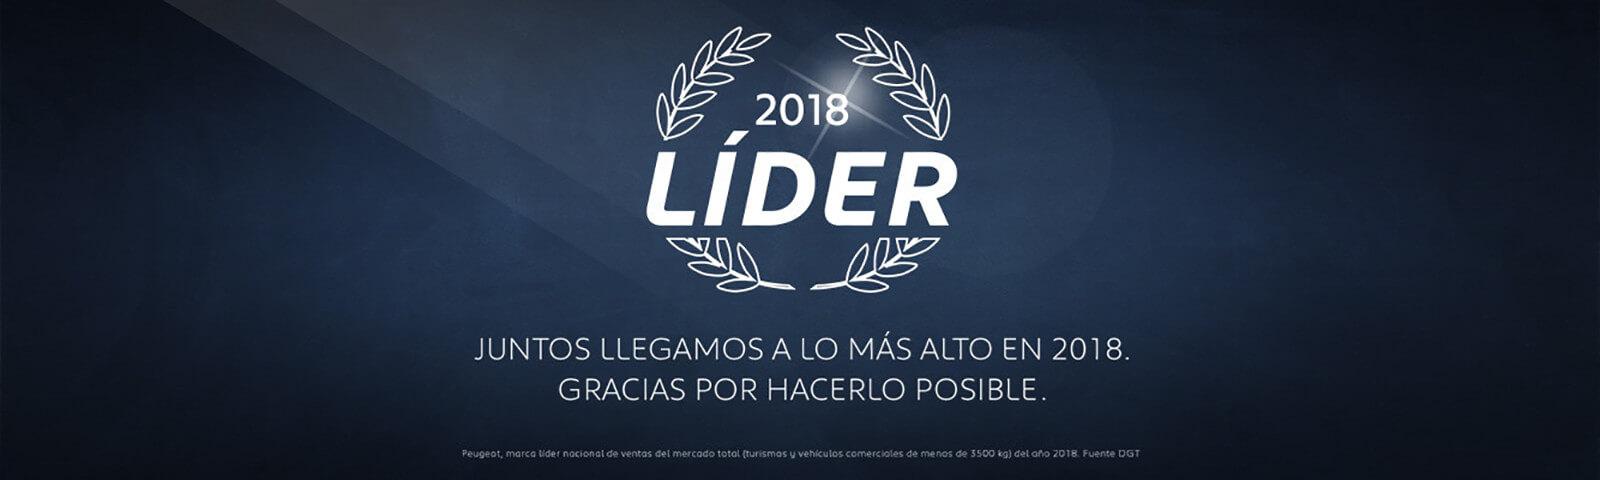 Peugeot España cierra como líder del mercado español 2018